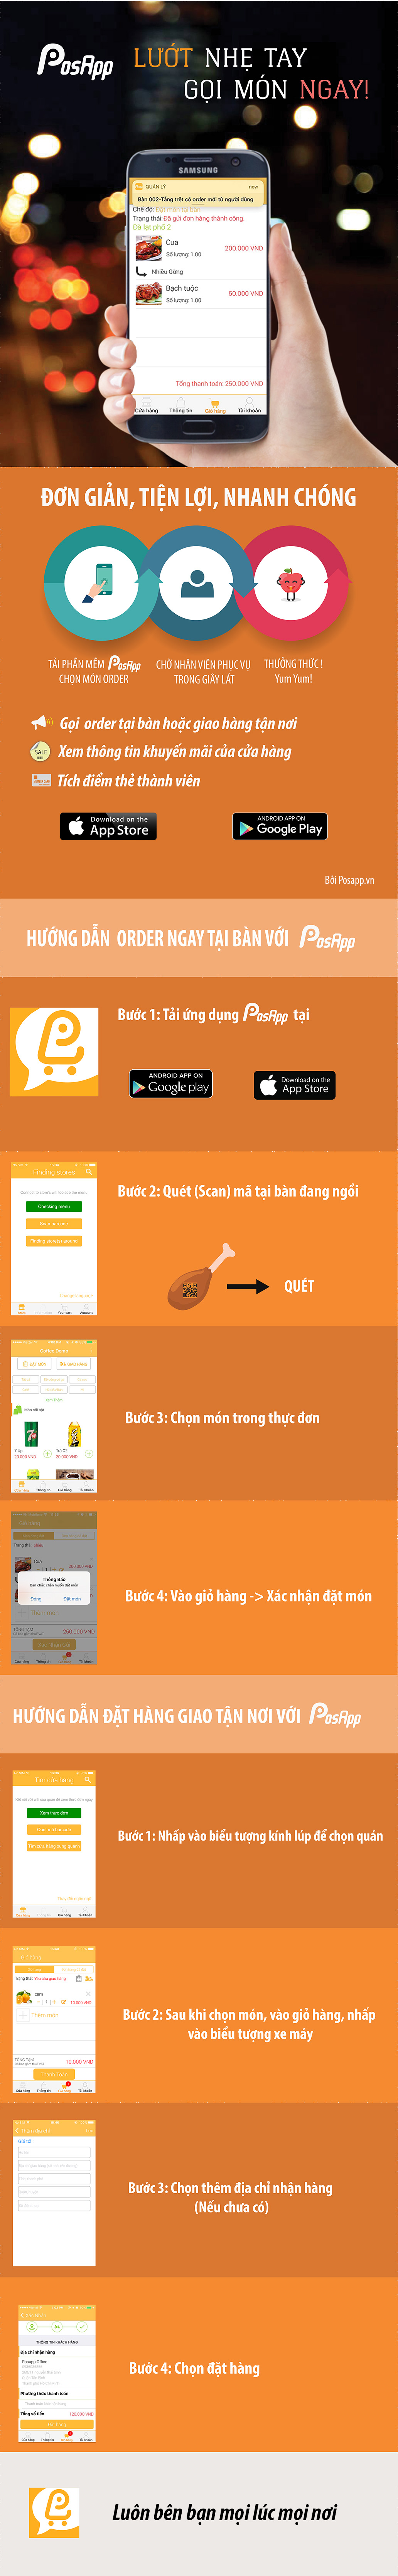 ứng dụng dành cho khách hàng Posapp